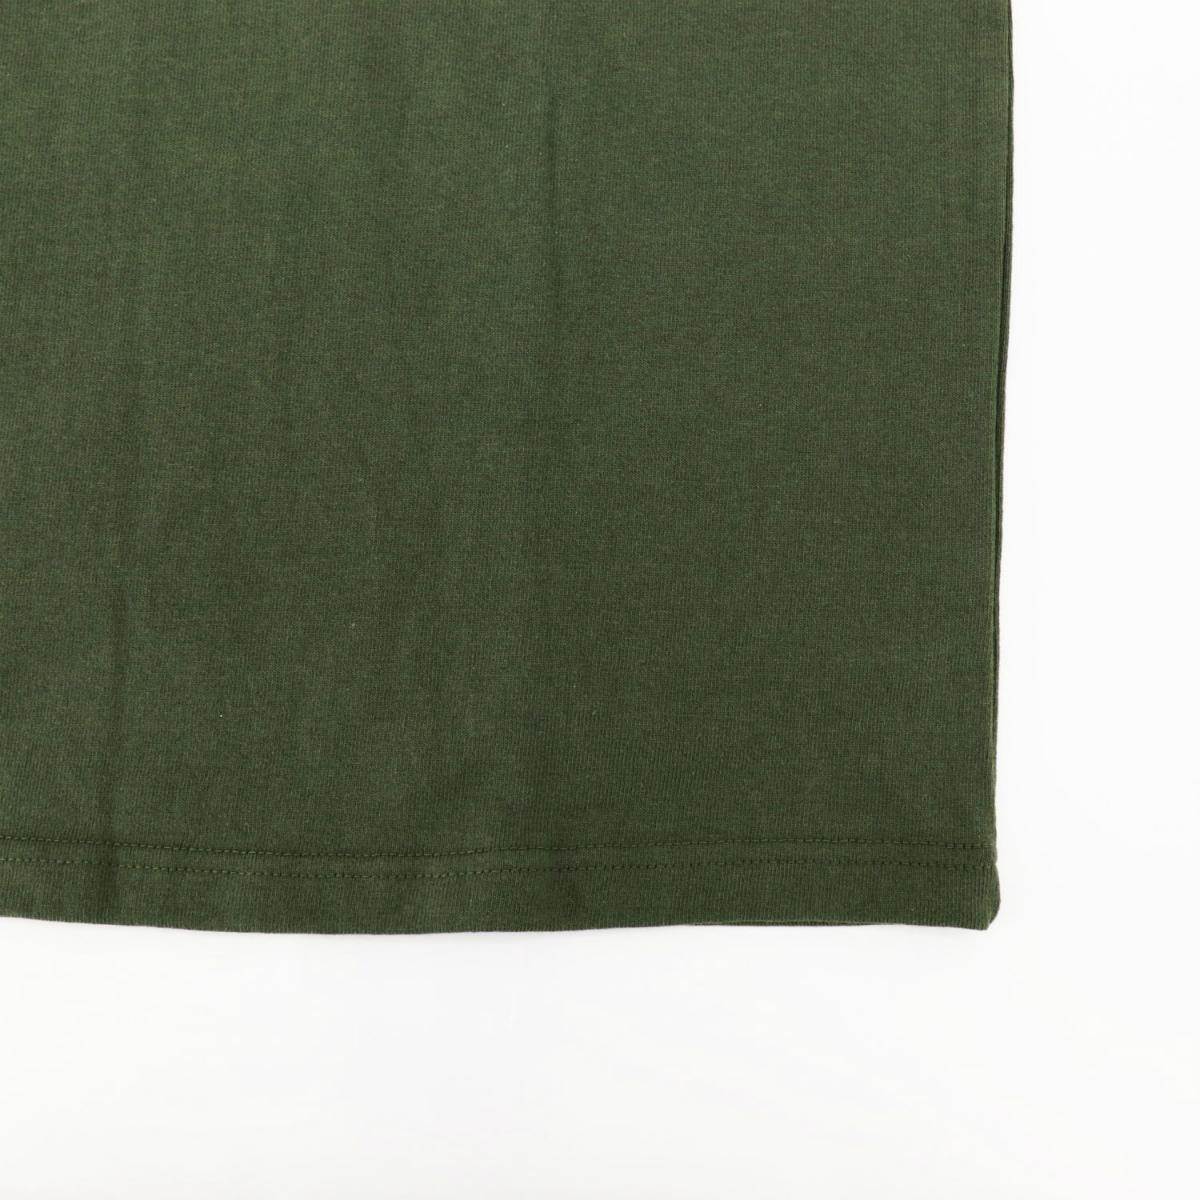 USAコットン クルーネック 半袖 Tシャツ KHAKI(カーキ)